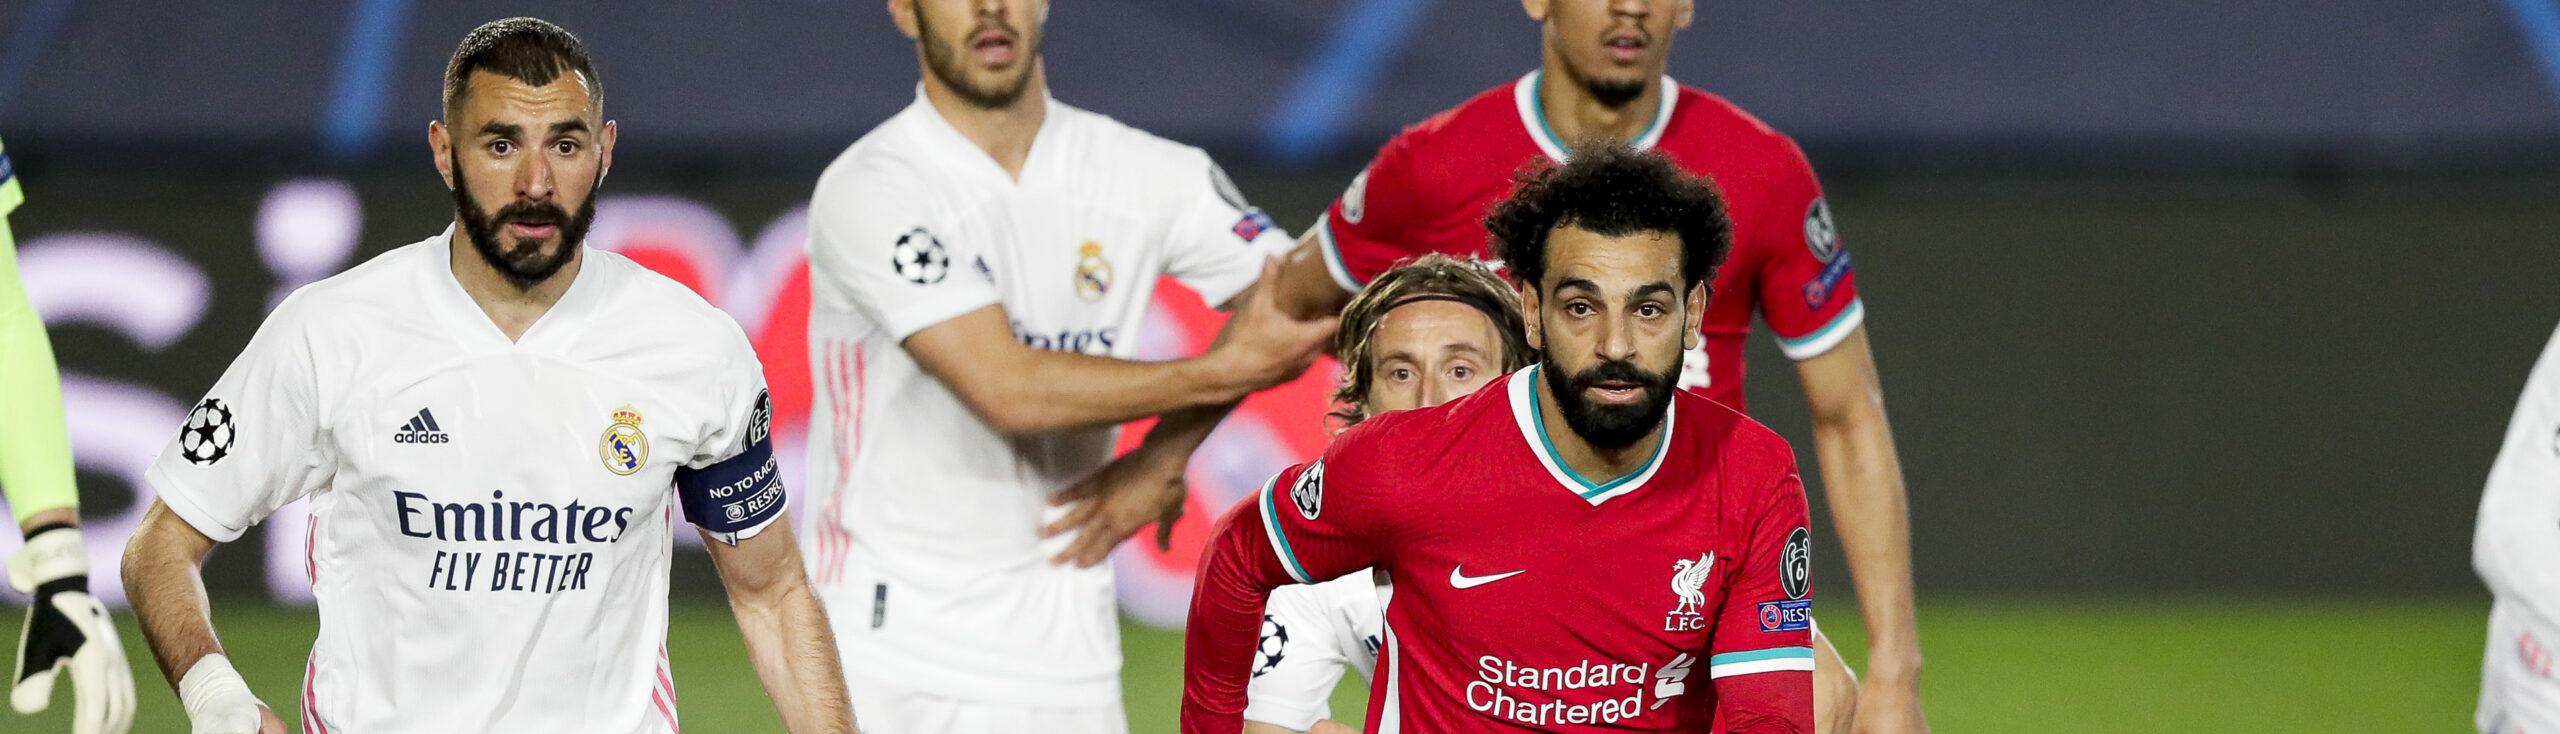 Liverpool-Real Madrid, i Reds si preparano all'assalto: rimonta possibile?